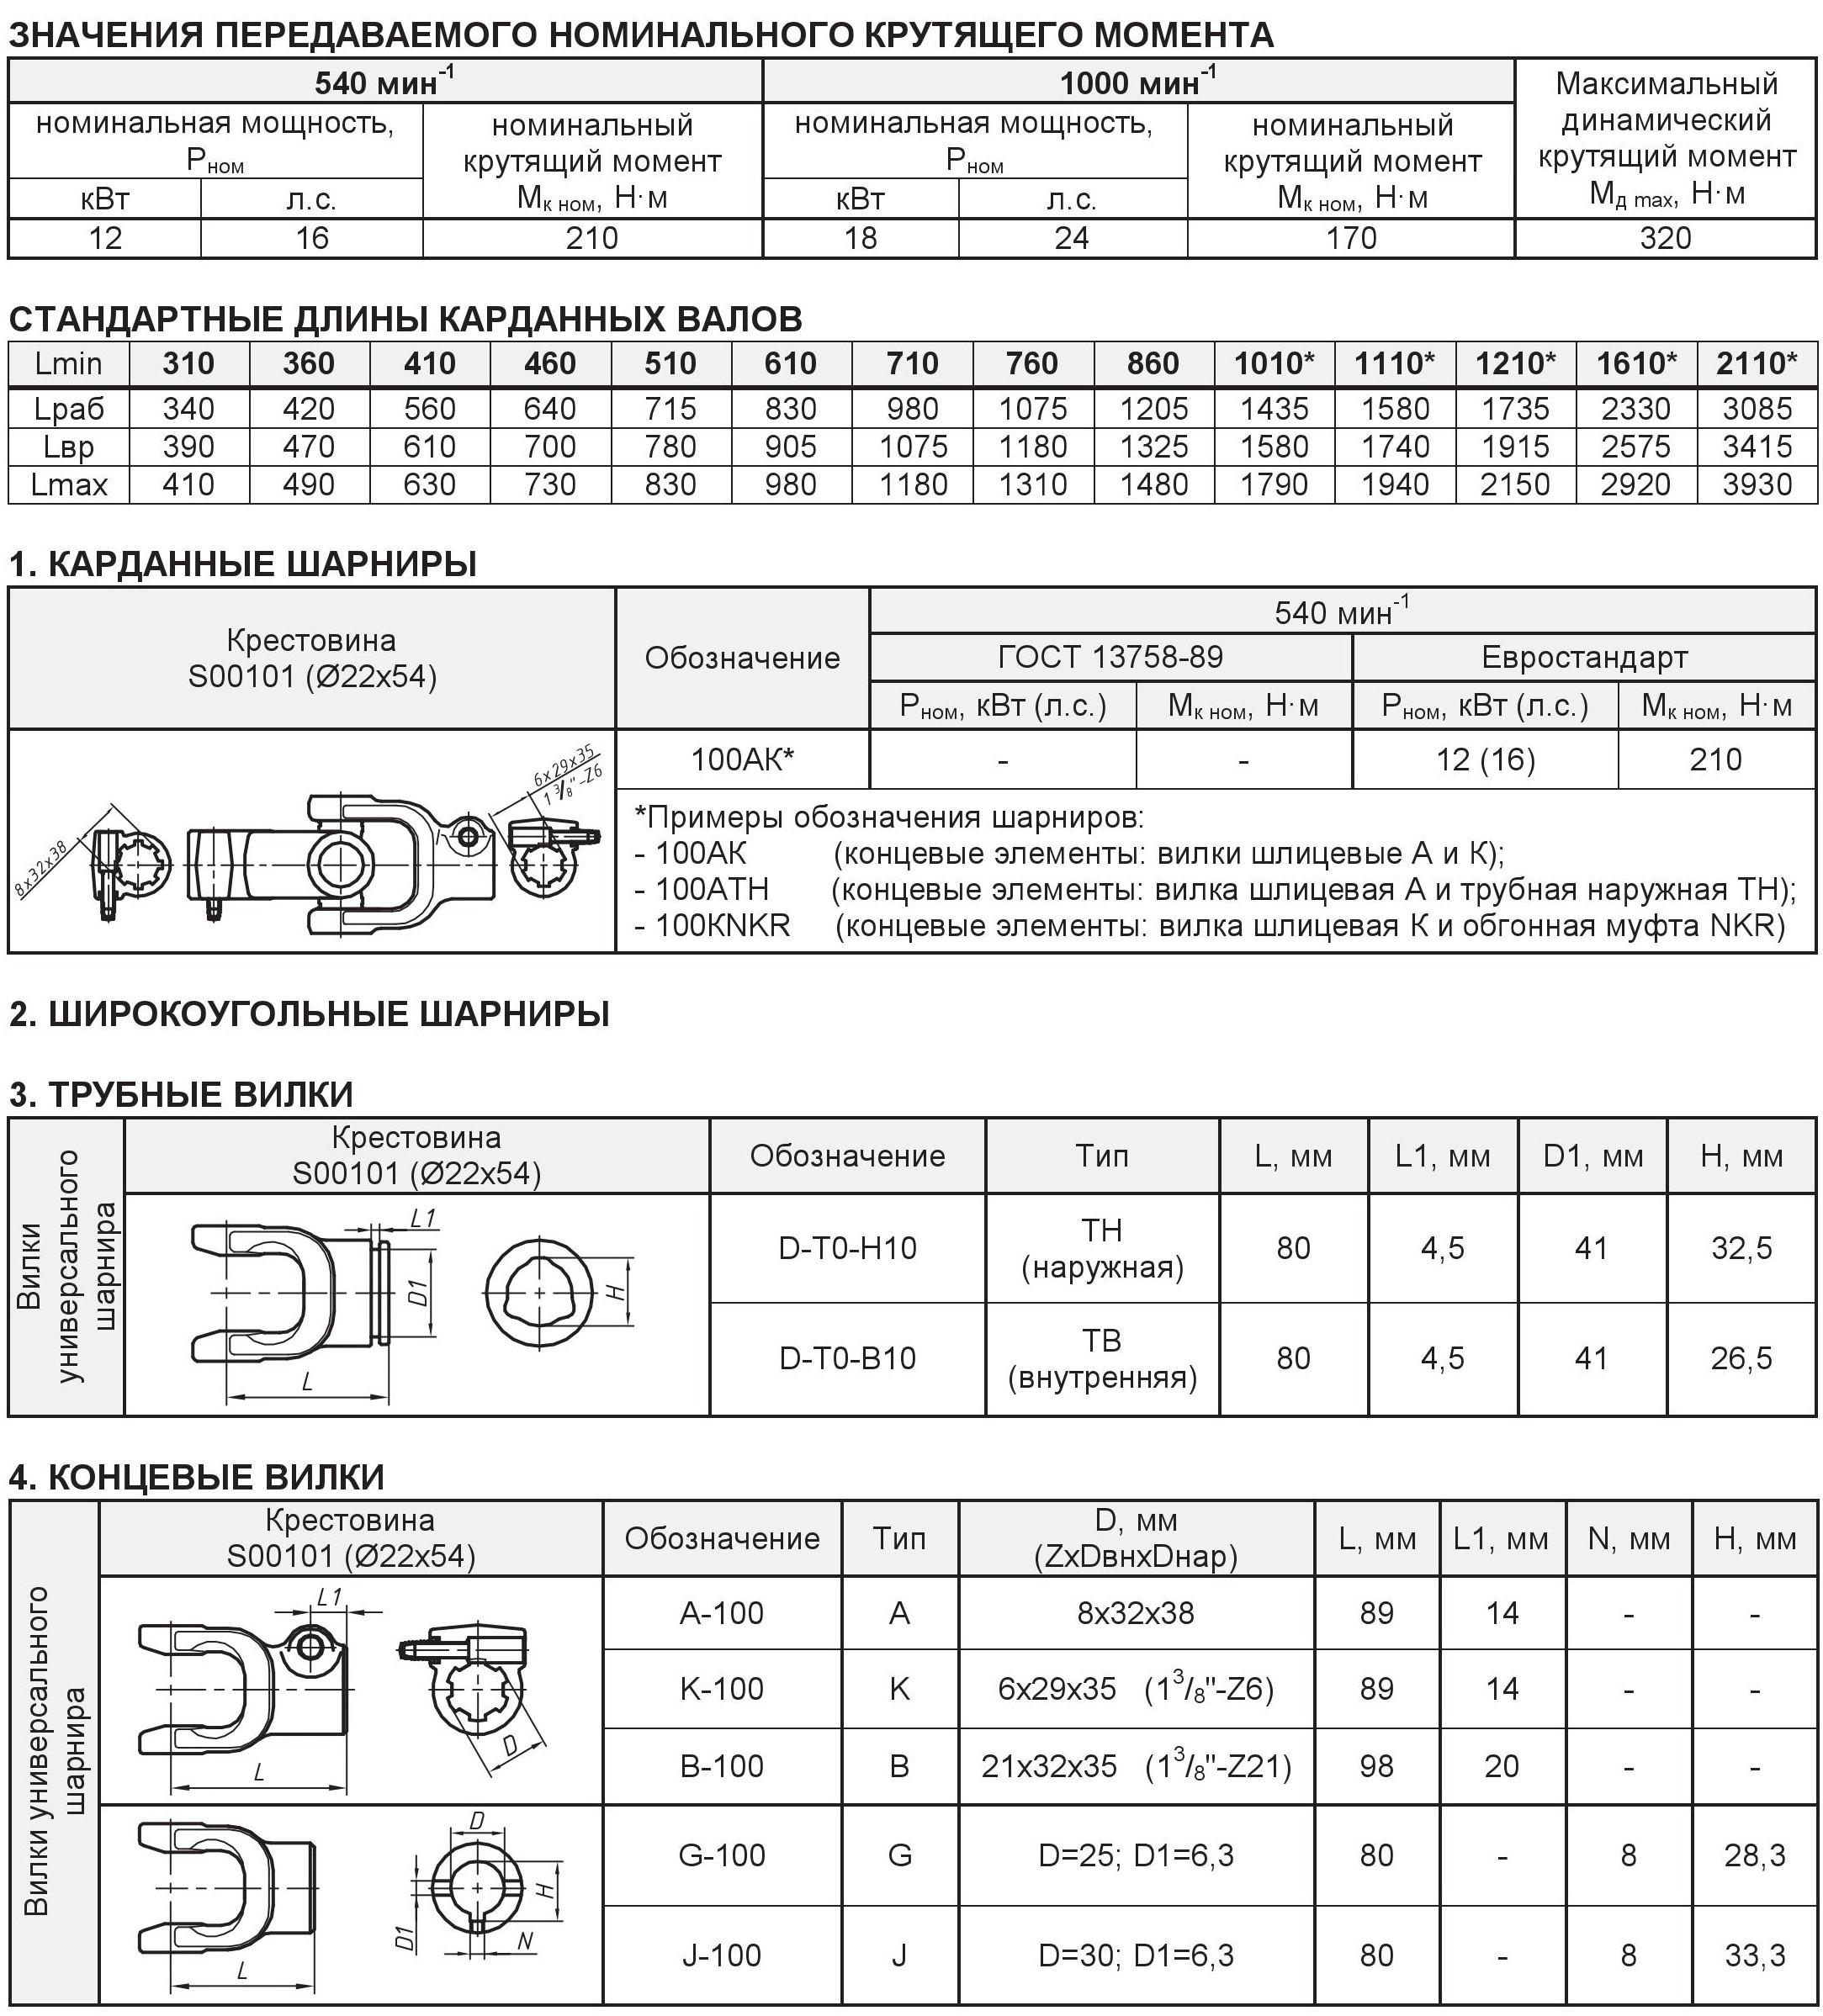 Таблица элементов карданов серии L1